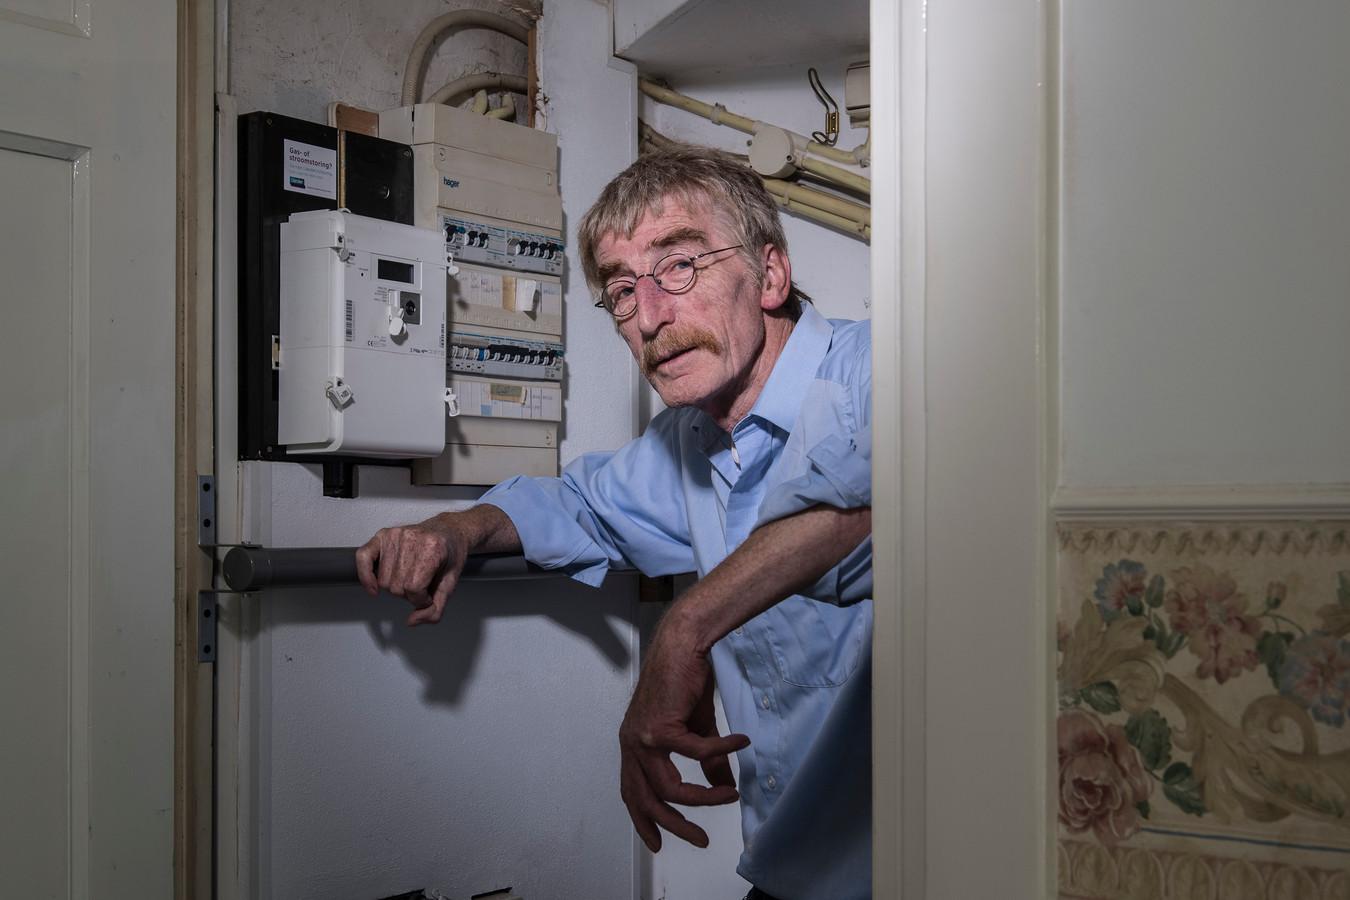 Chris Kuipers ontdekte dat zijn slimme meter energie terugleverde terwijl hij geen zonnepanelen heeft. Oorzaak een interfererende schakelaar (die hij helaas niet meer heeft) bij de tv.